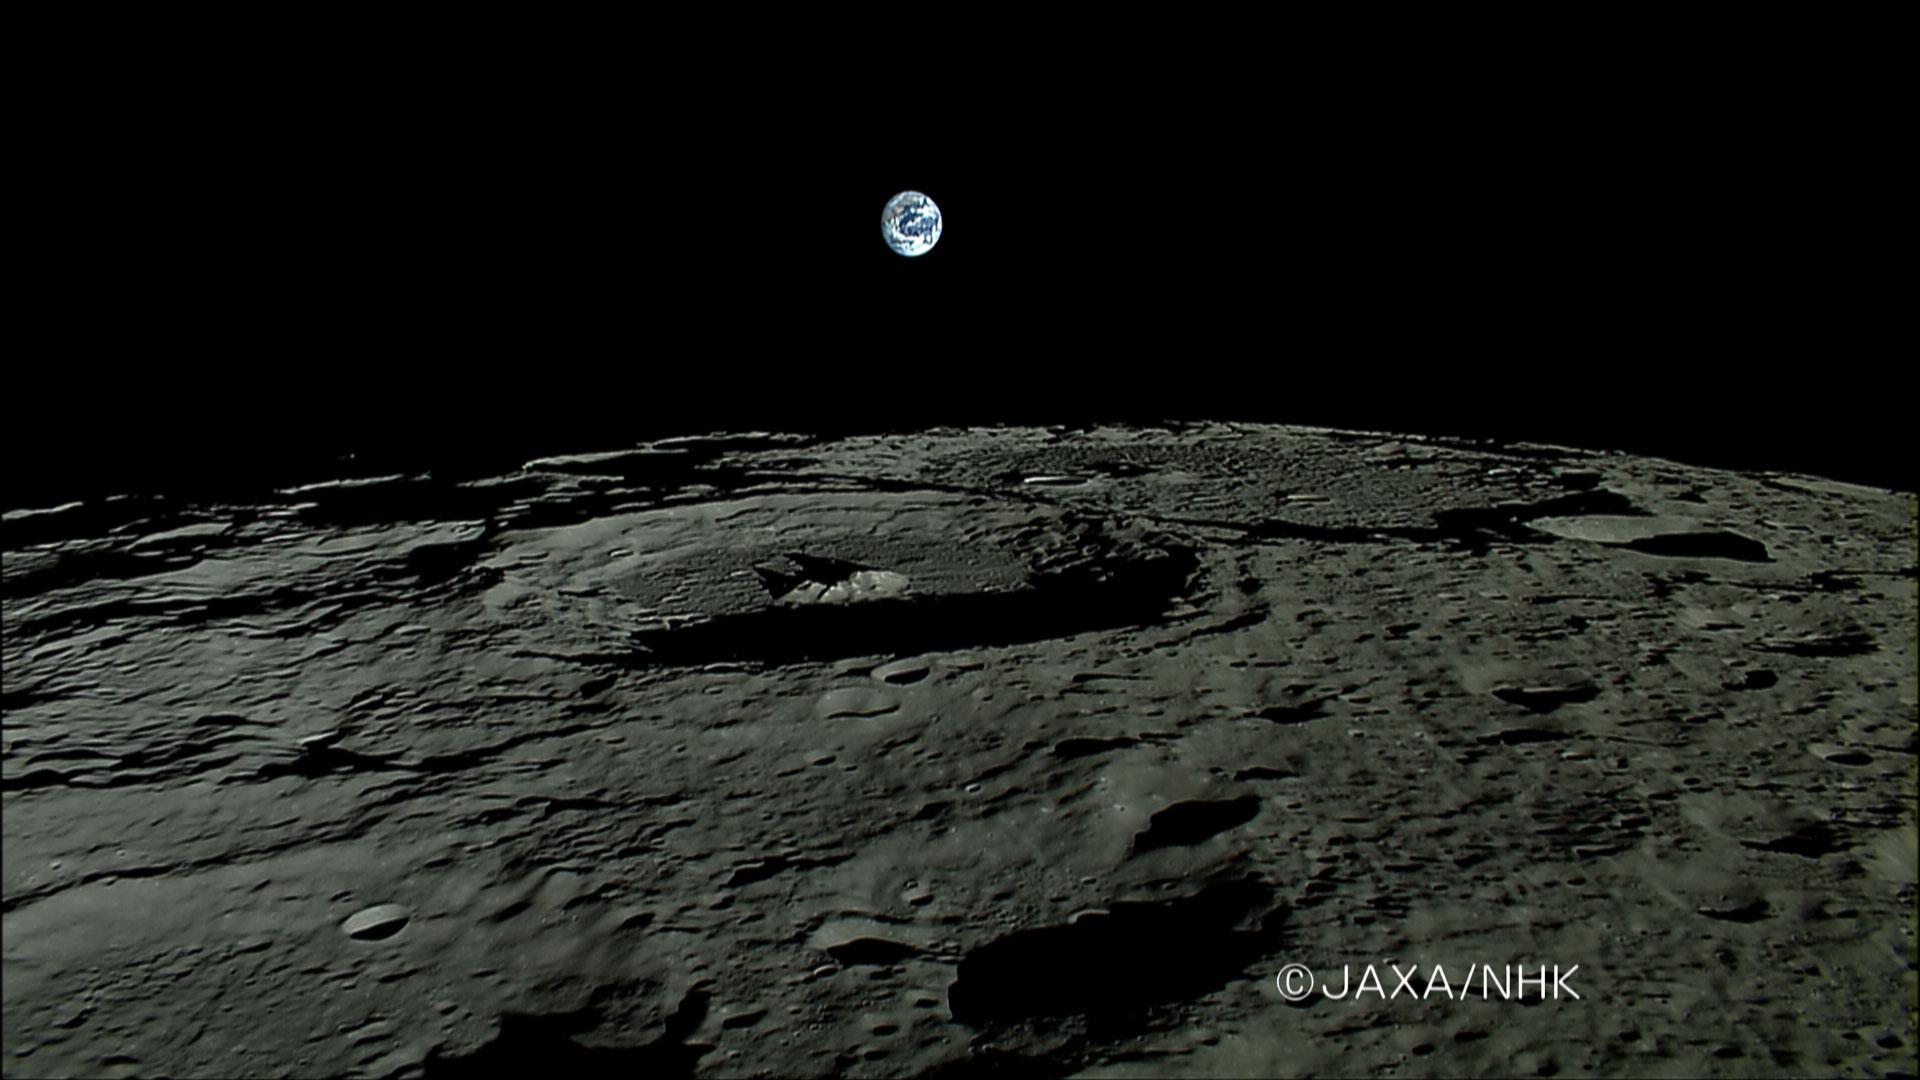 简约月球高清壁纸1920x1080